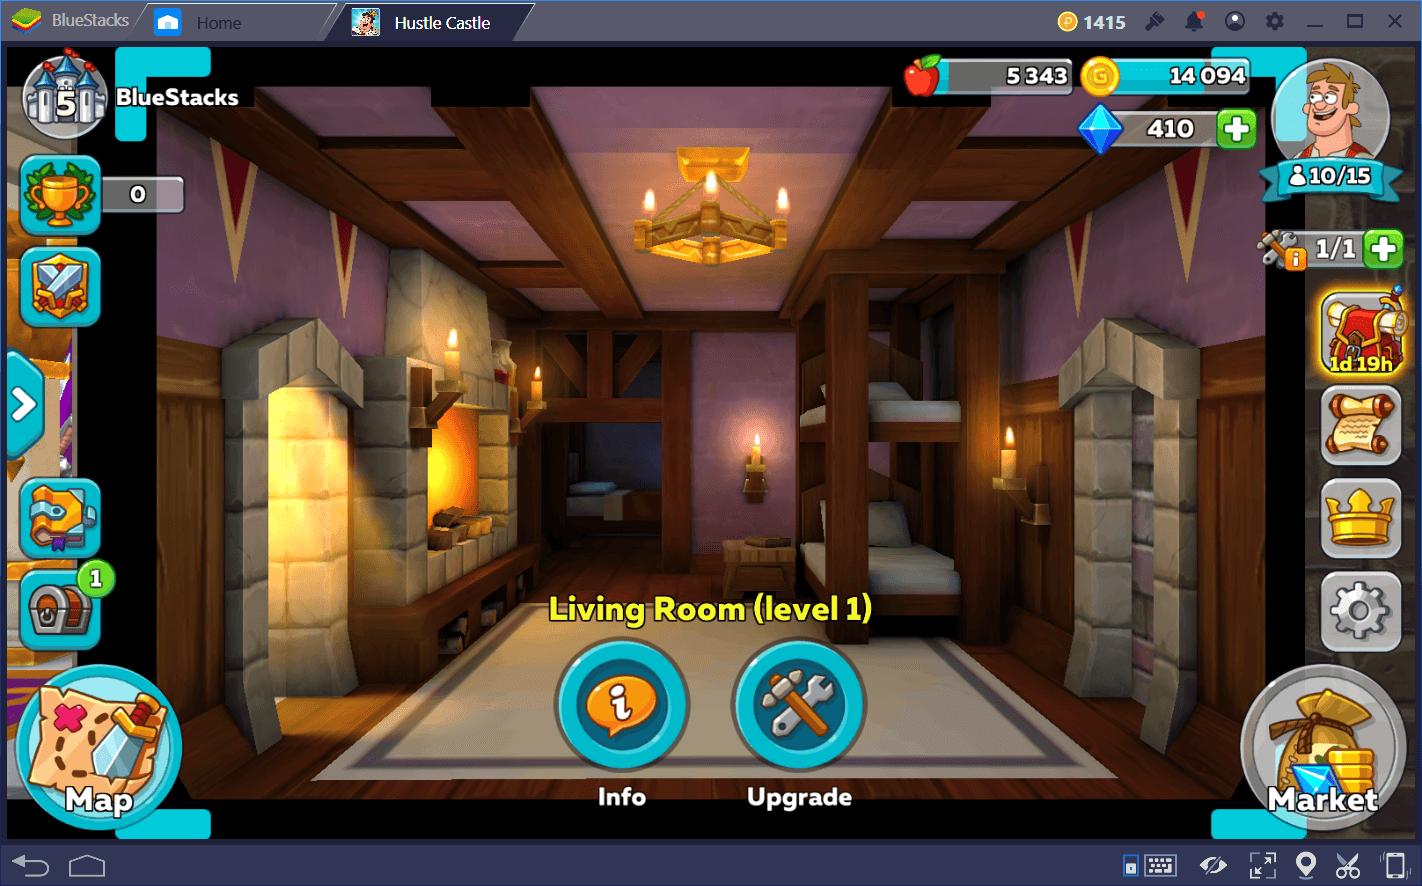 Tips and Tricks for Hustle Castle: Fantasy Kingdom – Part I